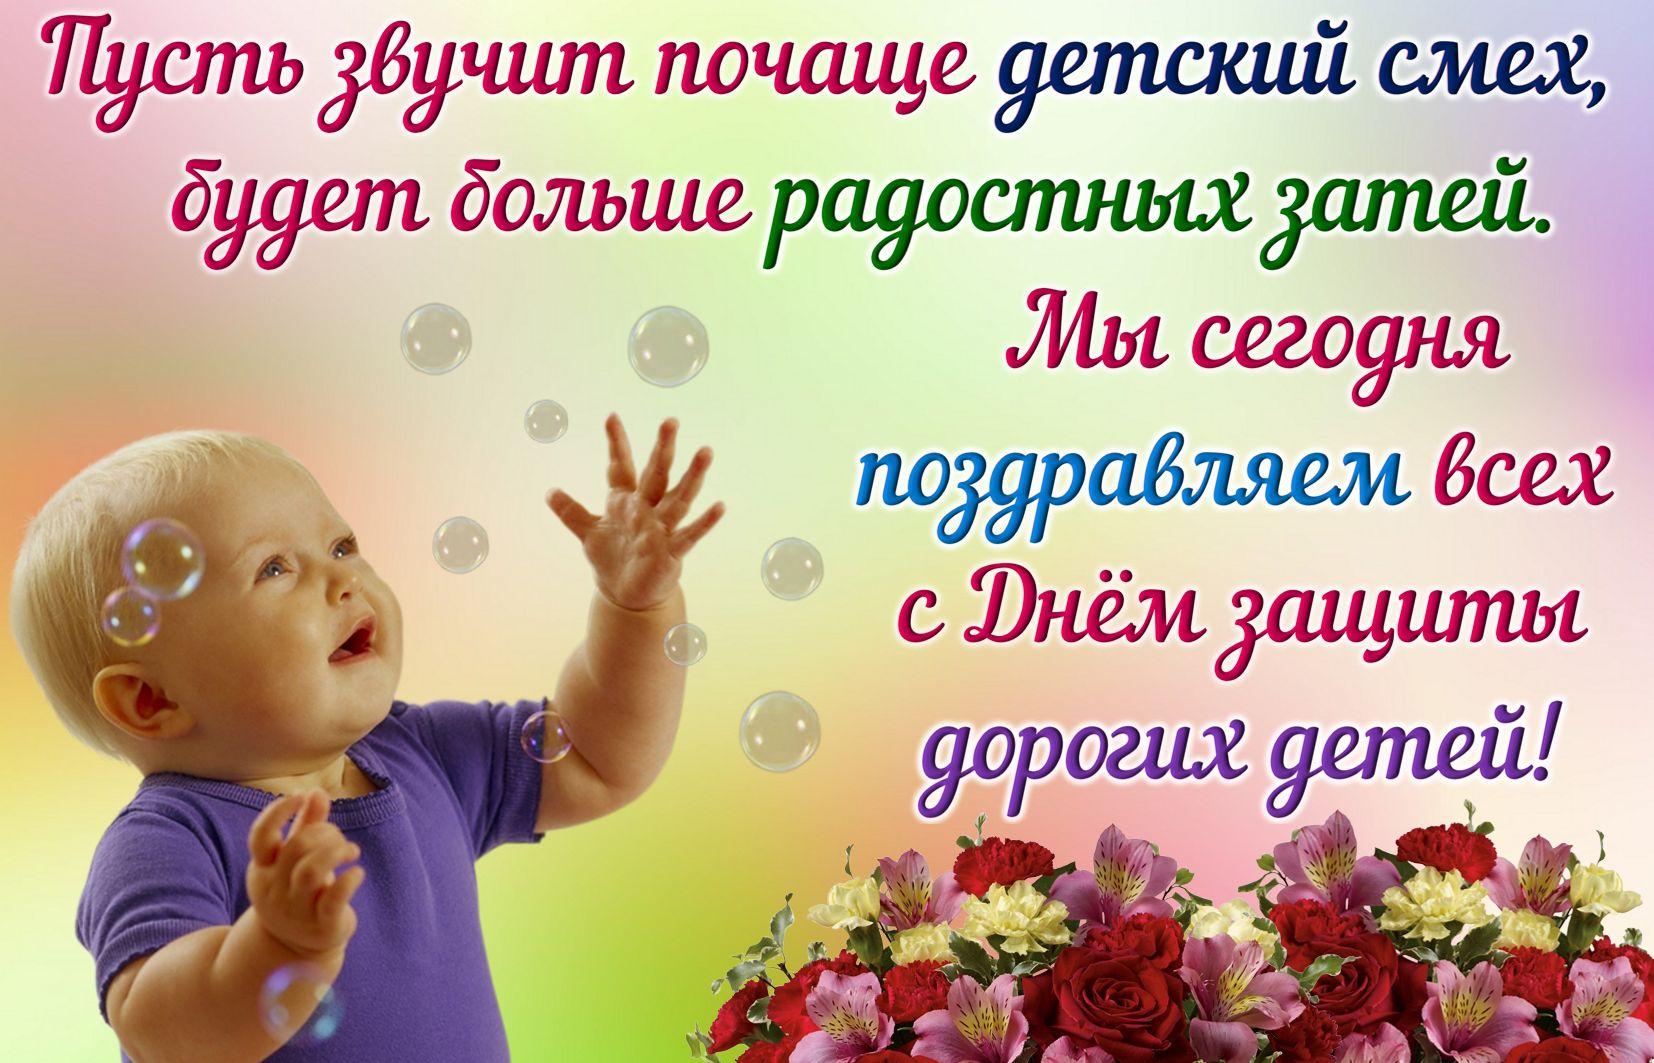 Поздравительные открытки день защиты детей, фото